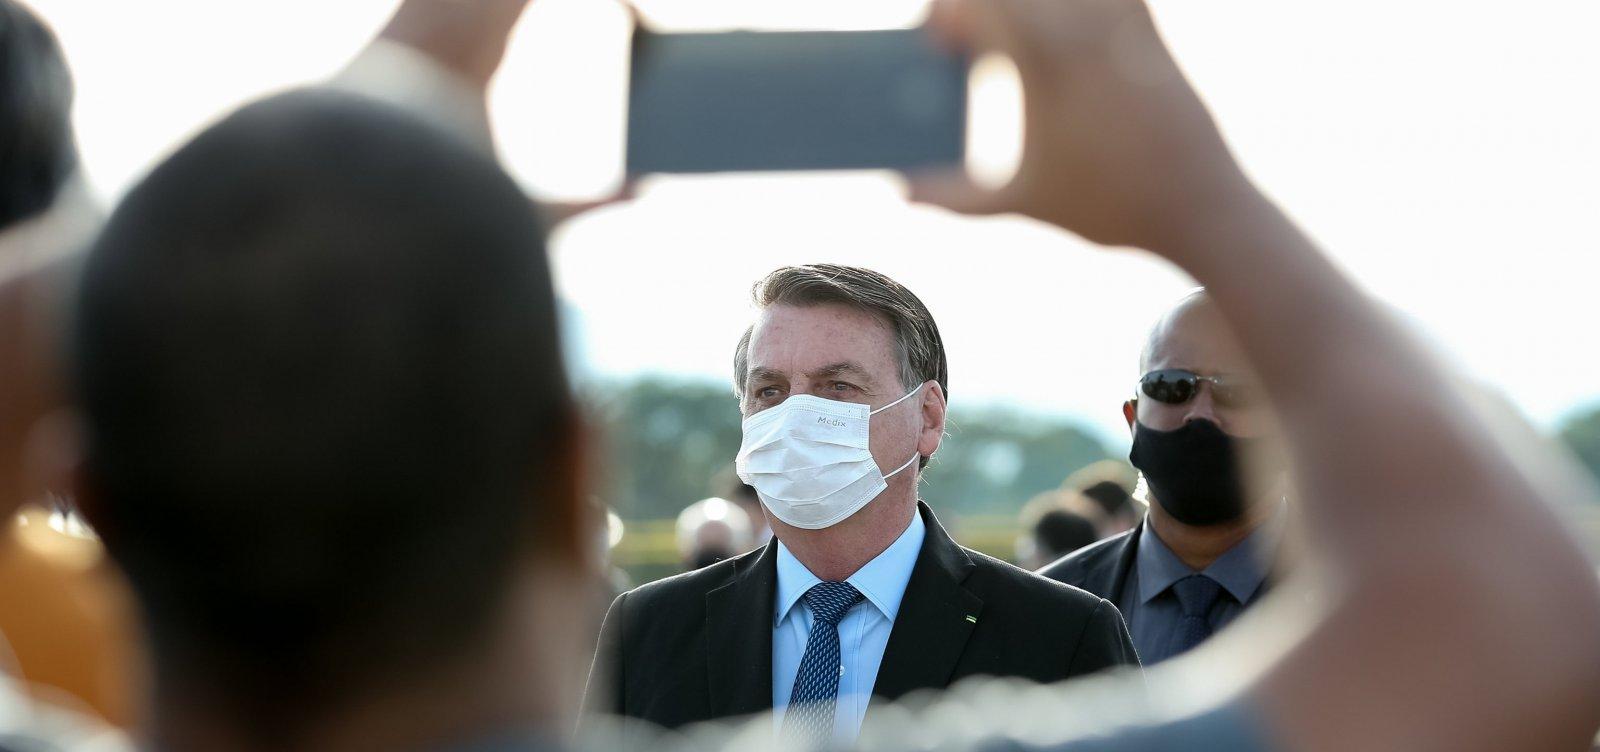 [Cobrado por apoiadores, Bolsonaro ameaça não parar mais na porta do Alvorada]